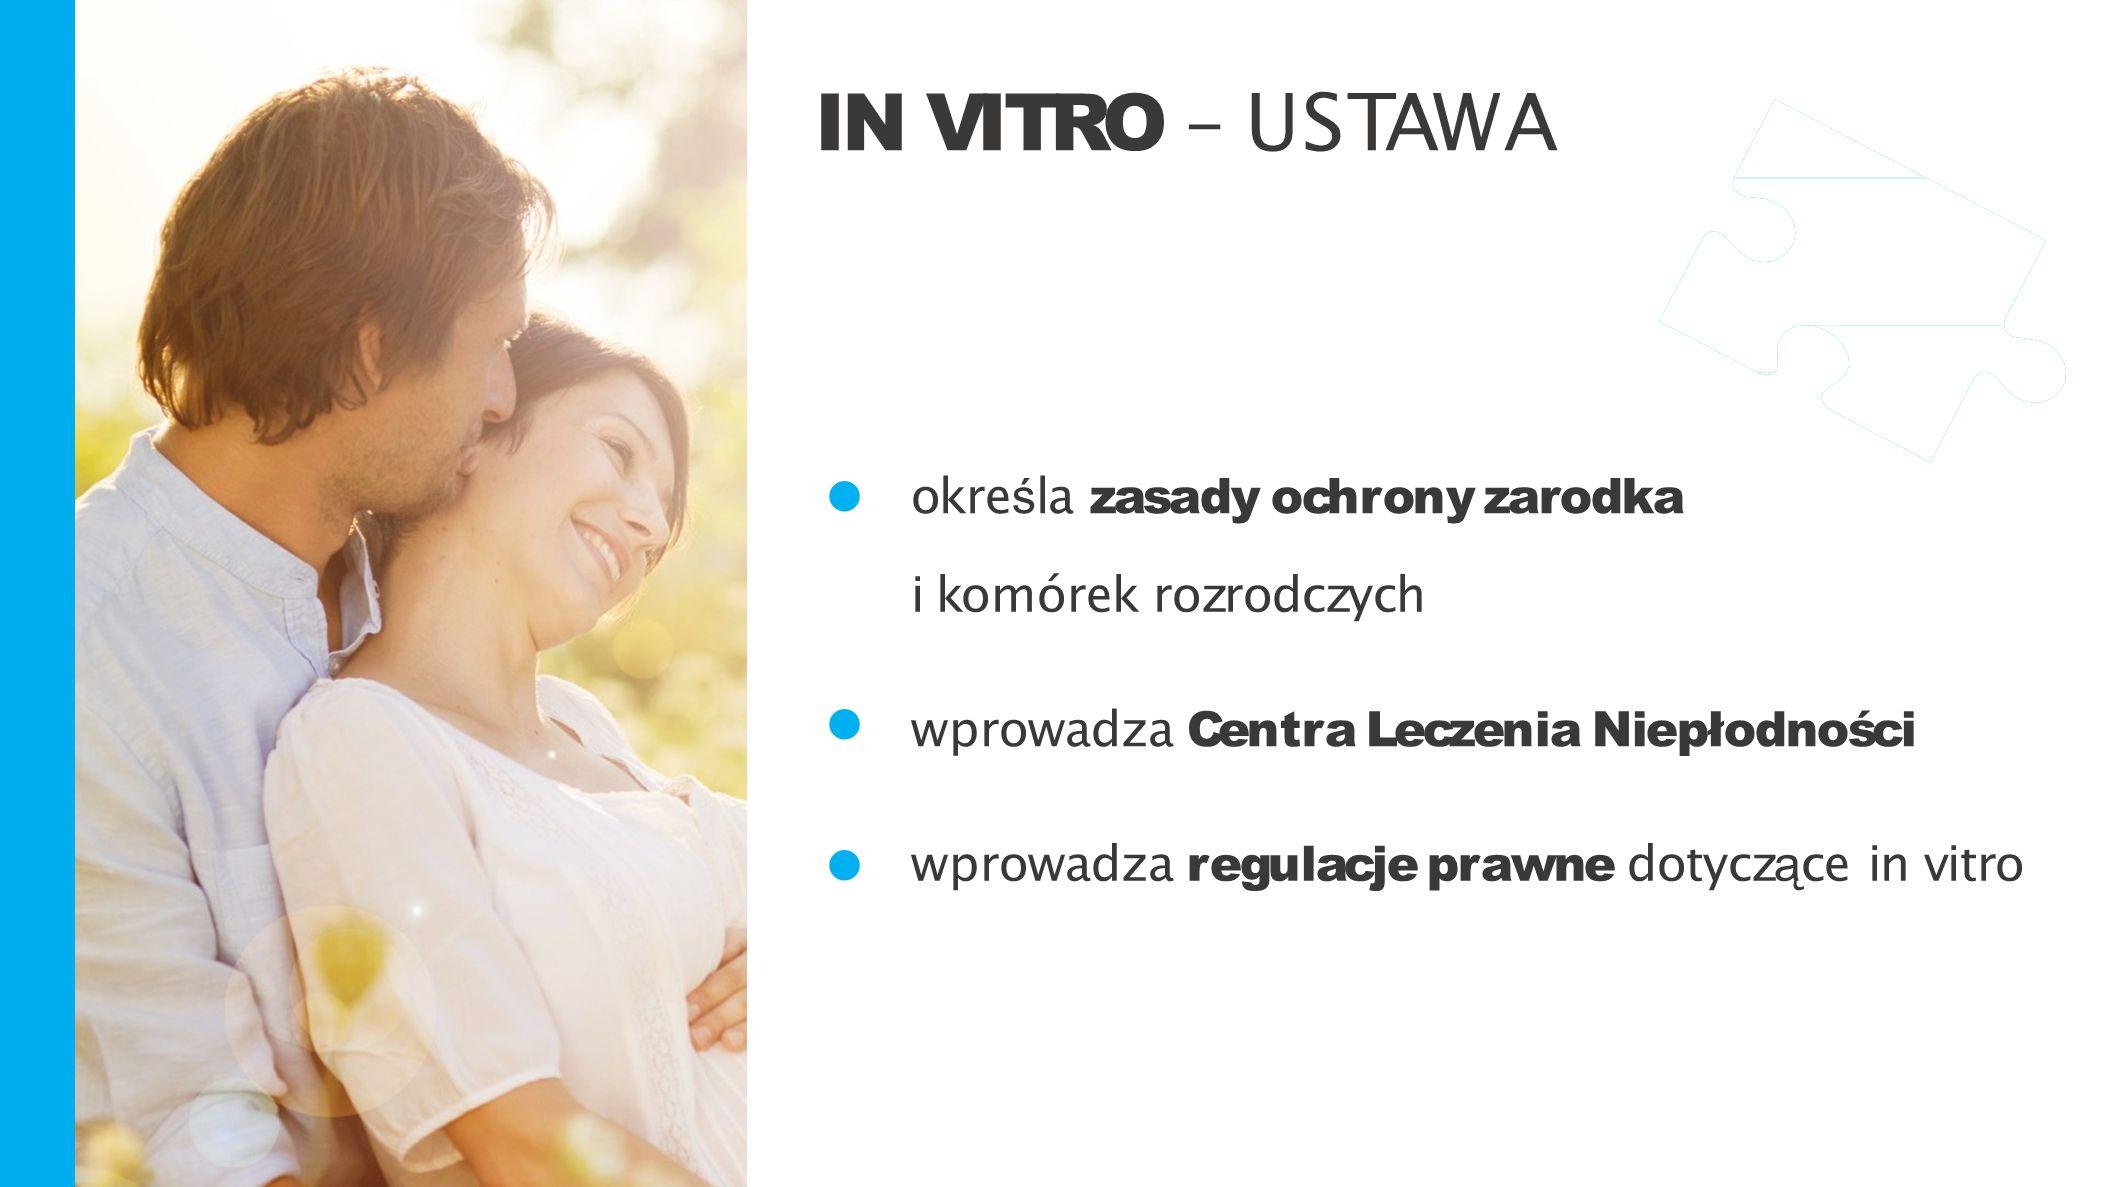 • IN VITRO – USTAWA określa zasady ochrony zarodka